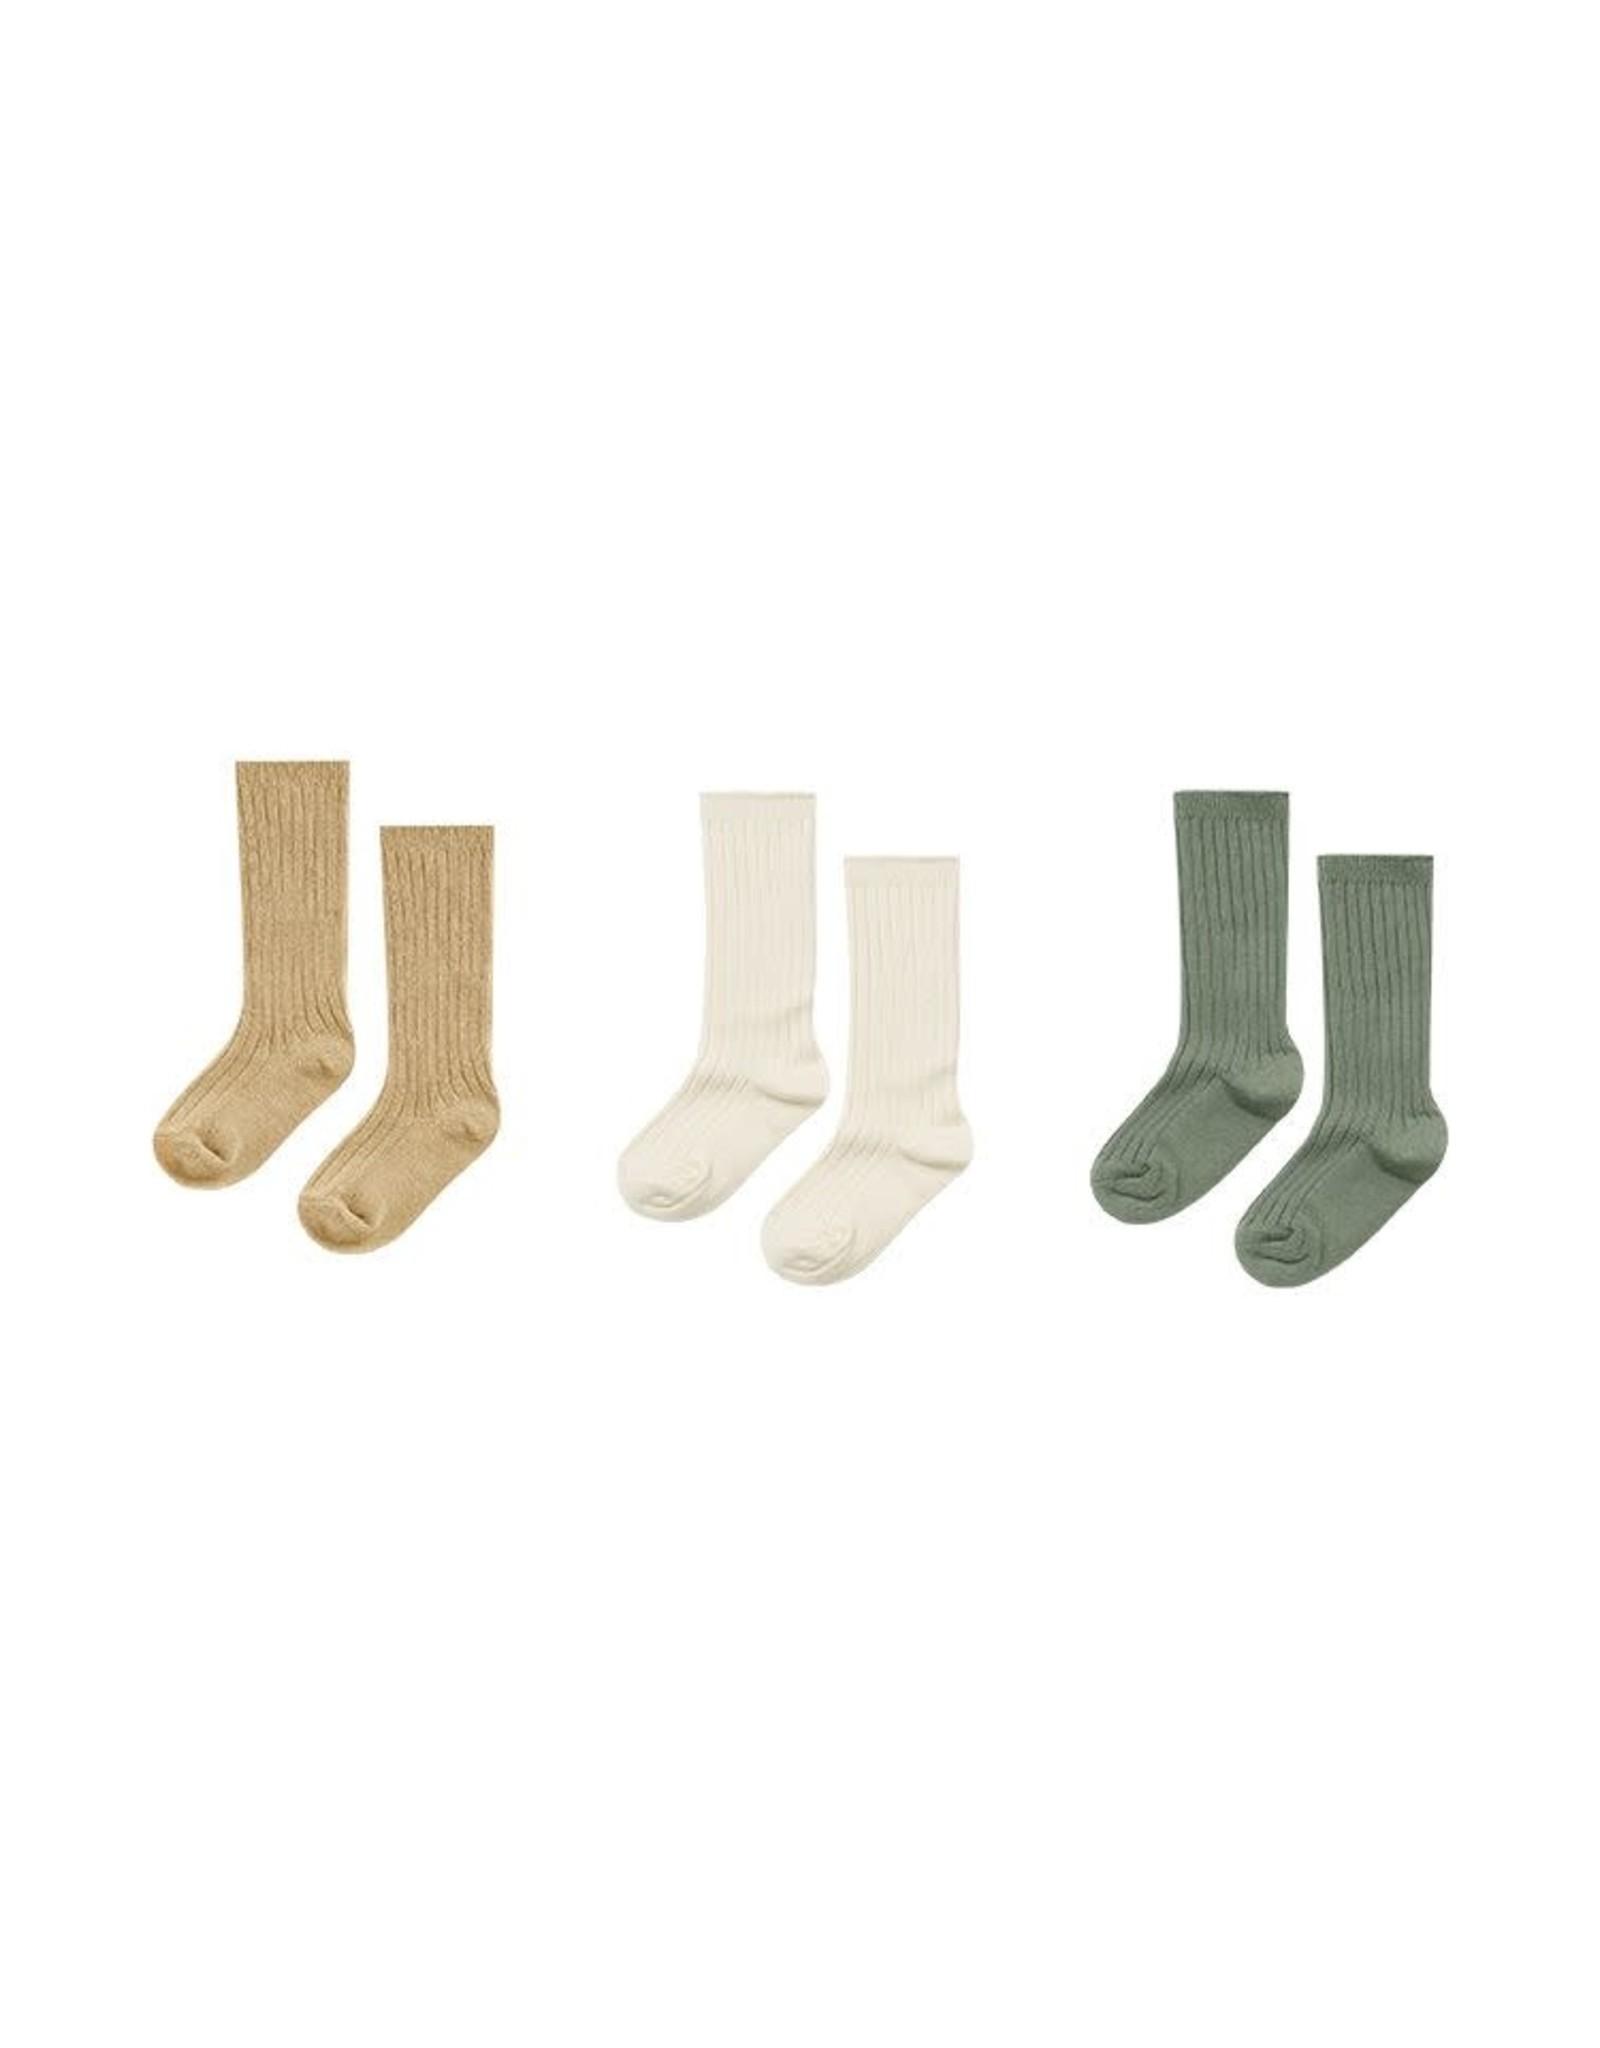 Rylee & Cru Rylee & Cru Solid Ribbed Socks Almond, Natural, Fern